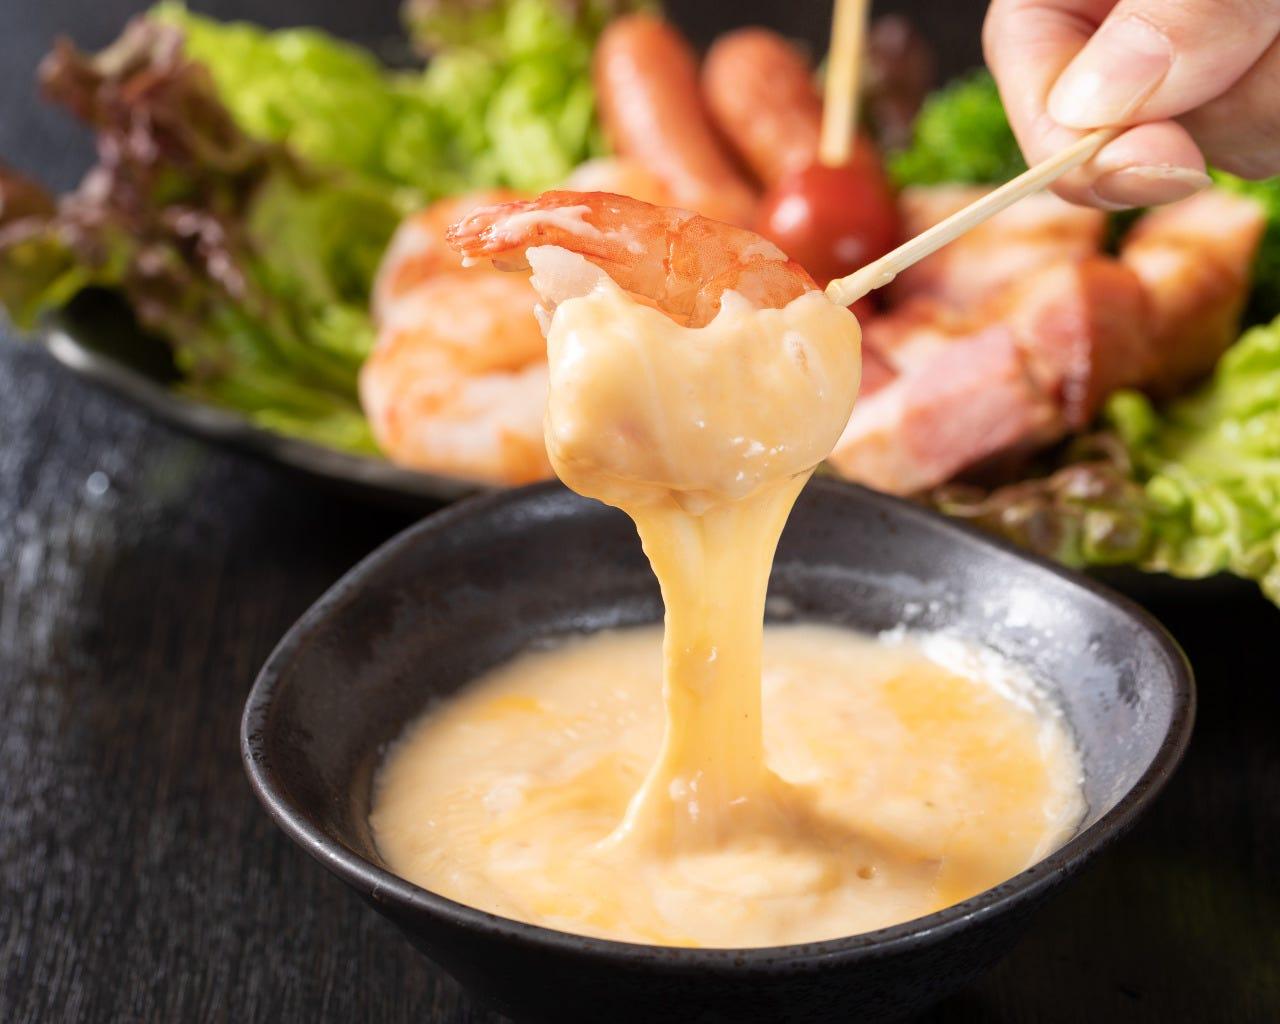 新鮮な素材をアツアツのチーズにディップ!新メニュー続々登場